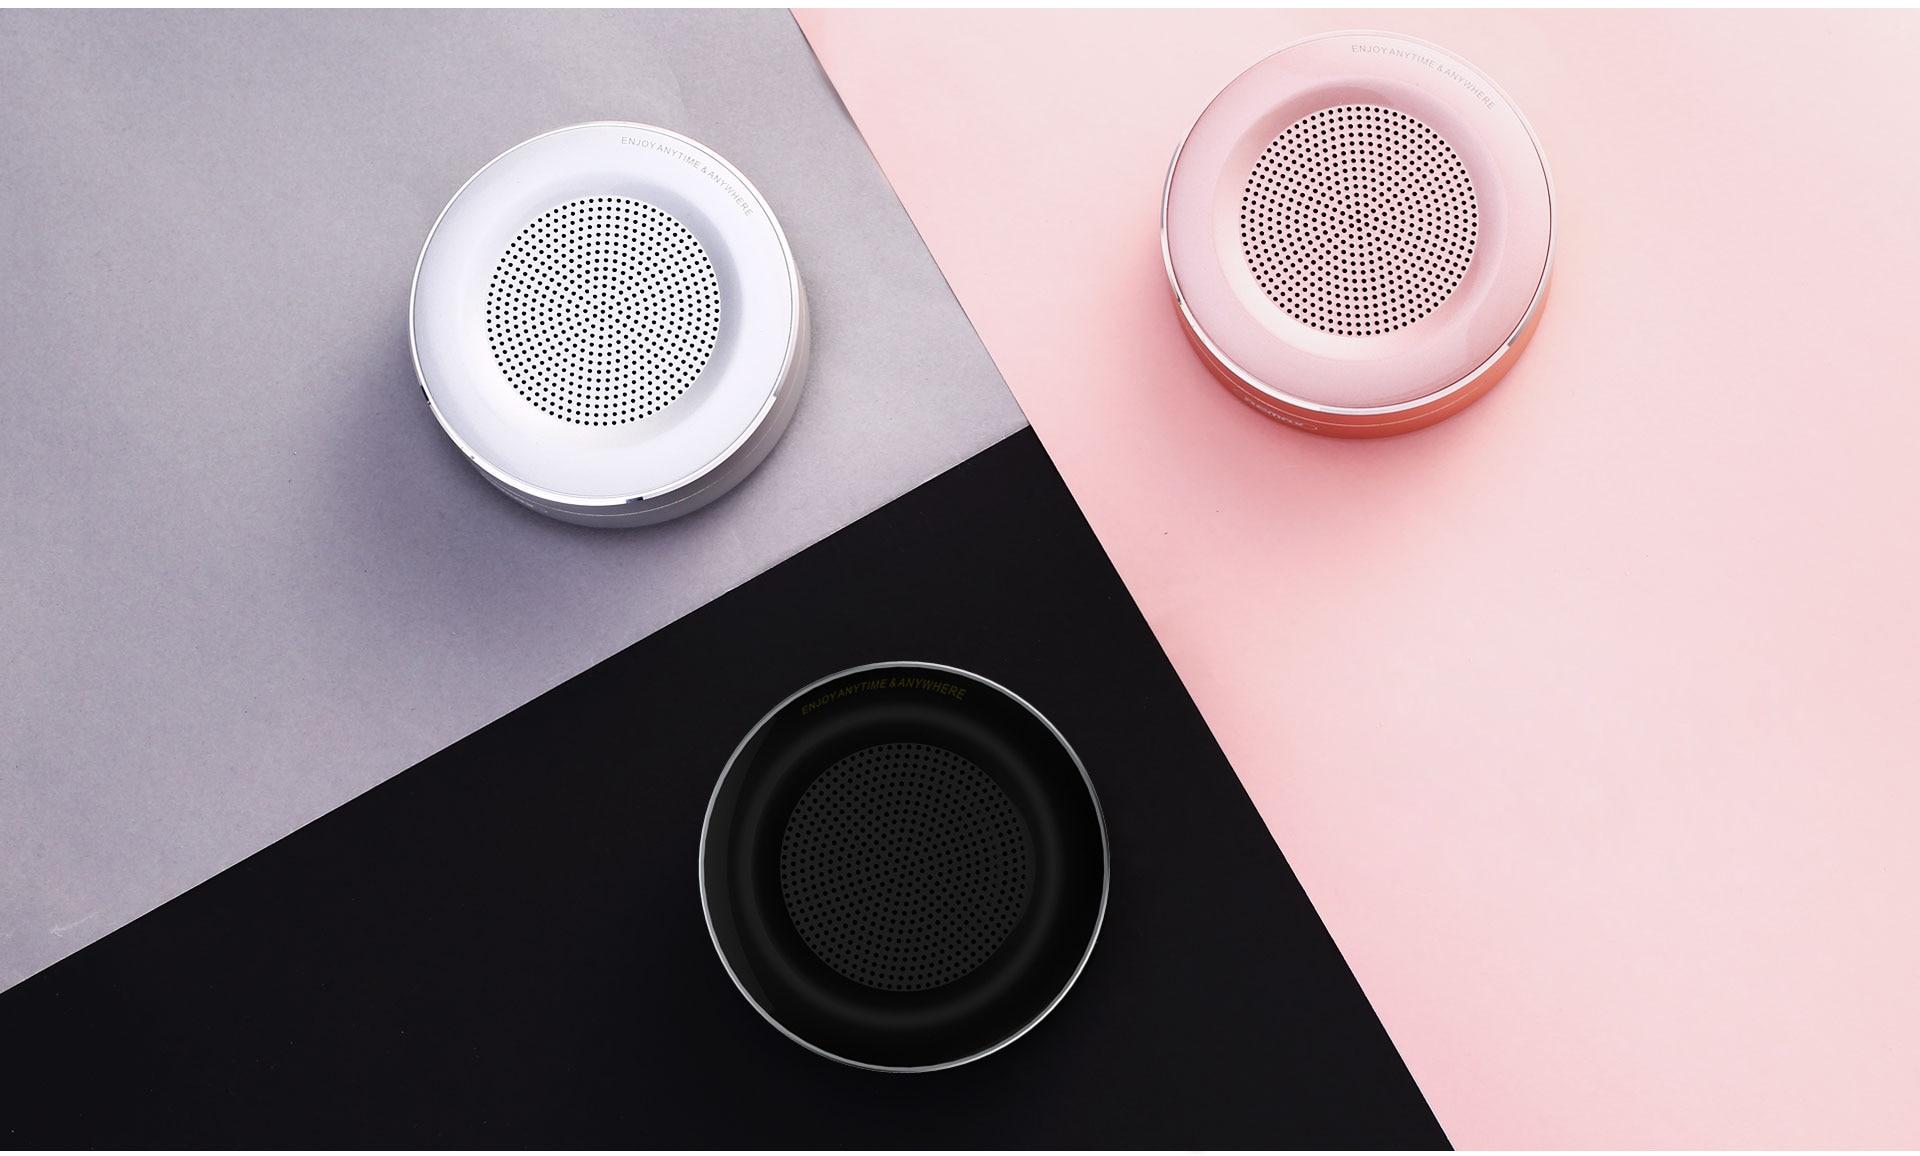 HTB1D5PSjKuSBuNjSsplq6ze8pXaq Remax Bluetooth Portable Speaker RB-M13 - Black